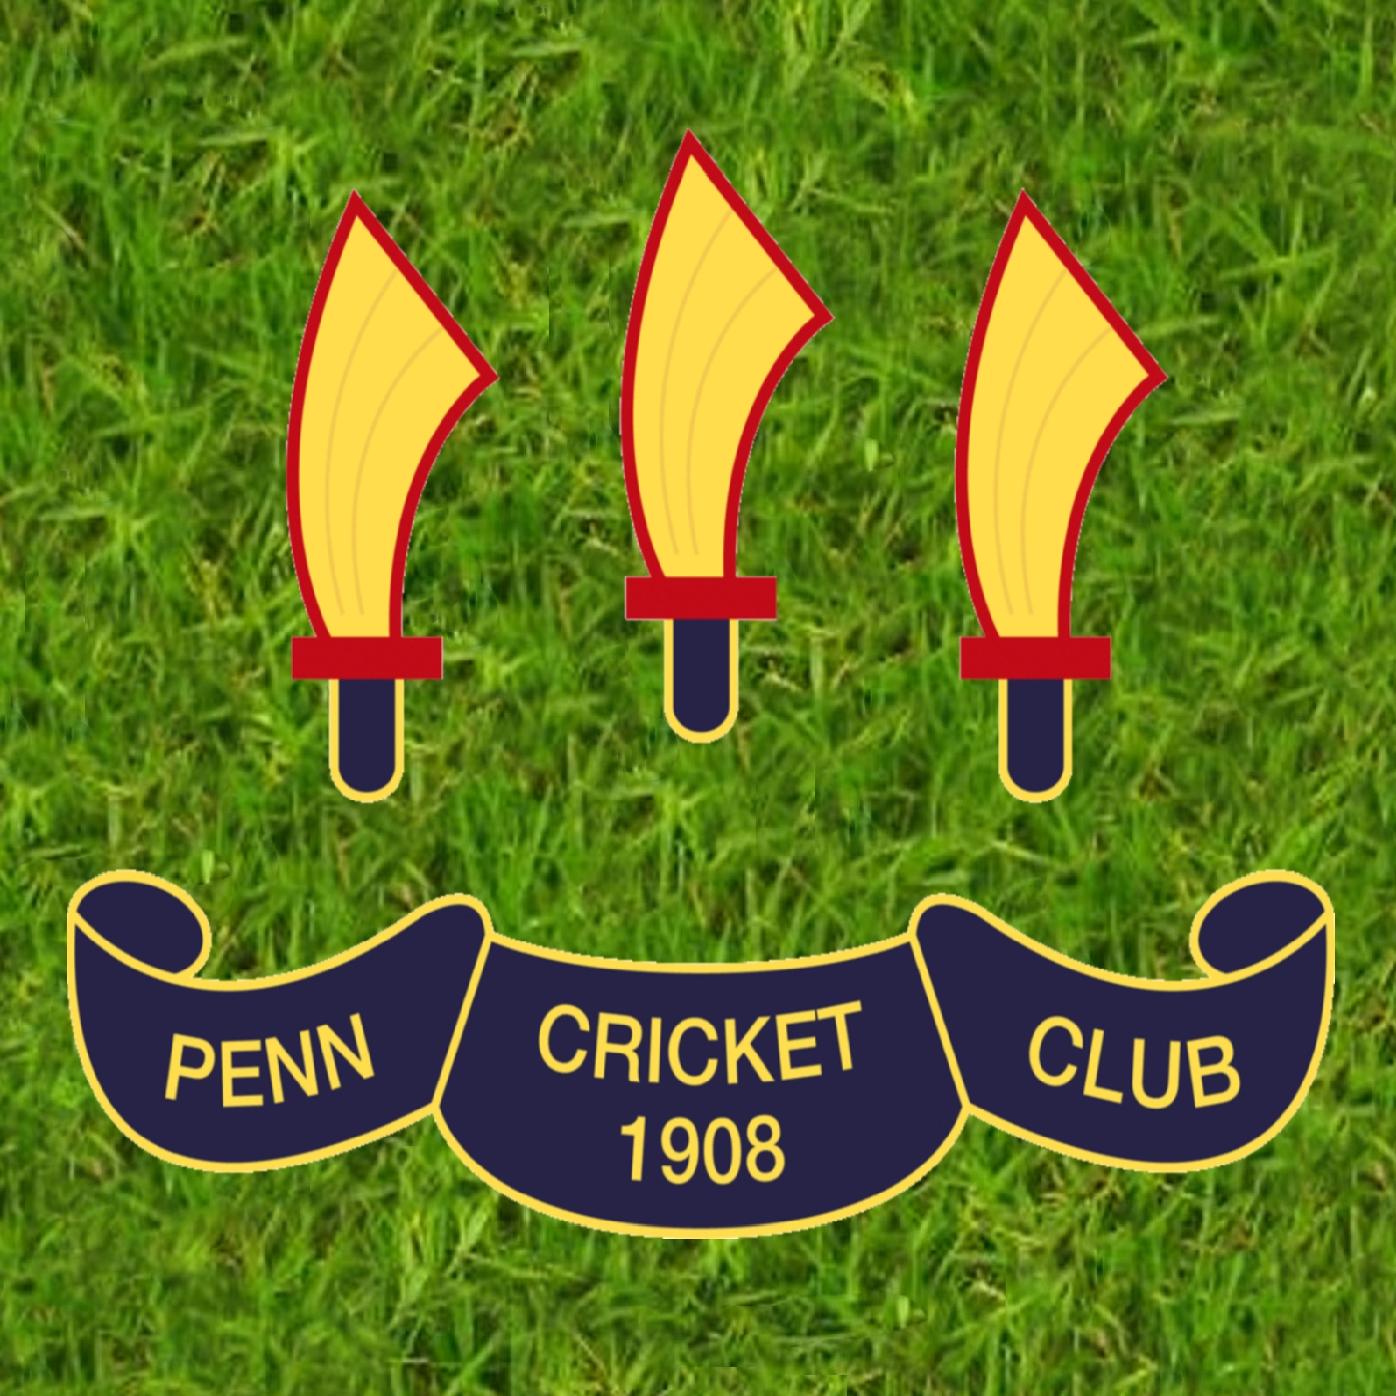 Penncast – Penn Cricket Club